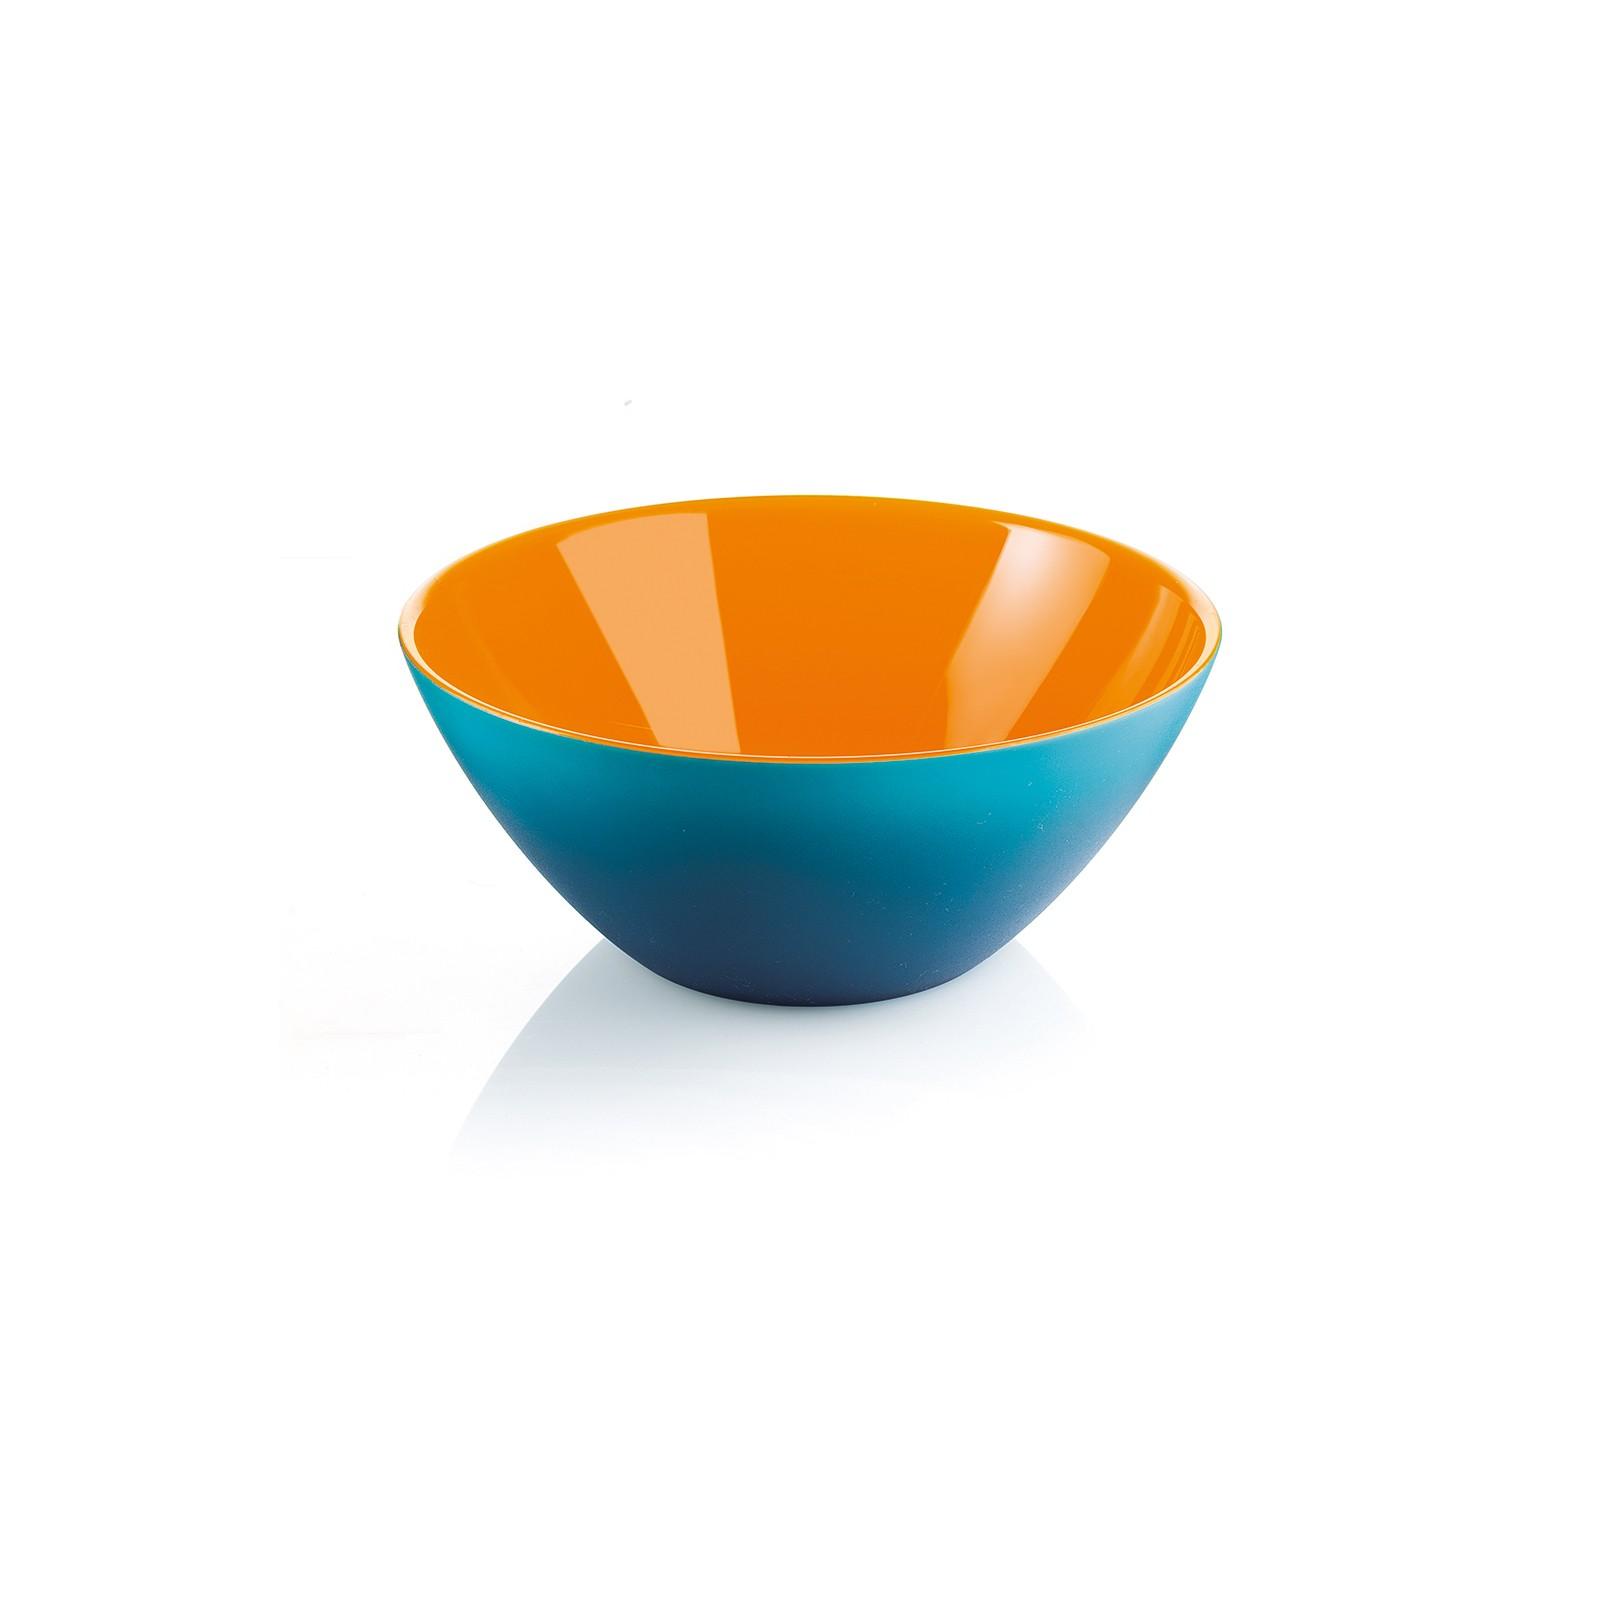 Салатница MY FUSIONКомпания Guzzini основана в 1912 году. Она создает пластиковую посуду и аксессуары. Салатница имеет красивую форму и необычный дизайн, она украсит застолье, а также позволит красиво сервировать салаты. Удобная и неприхотлива в уходе.<br>